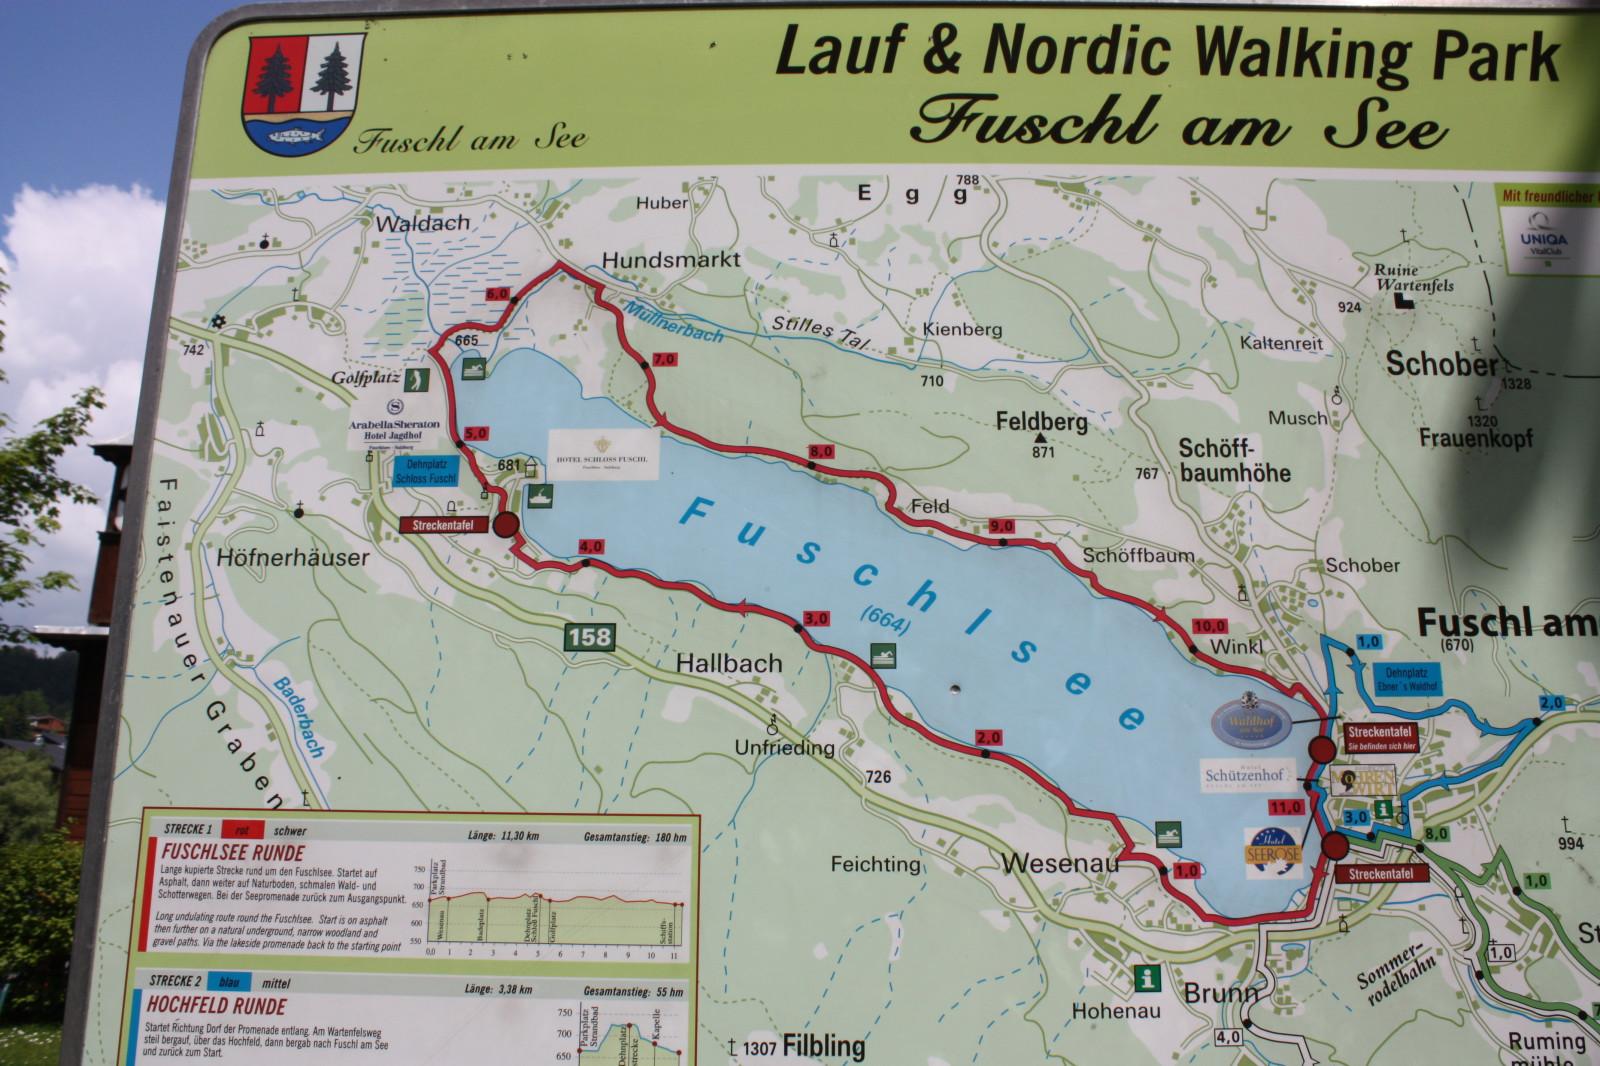 Die Karte im Ort Fuschl bietet einen guten Überblick über den See